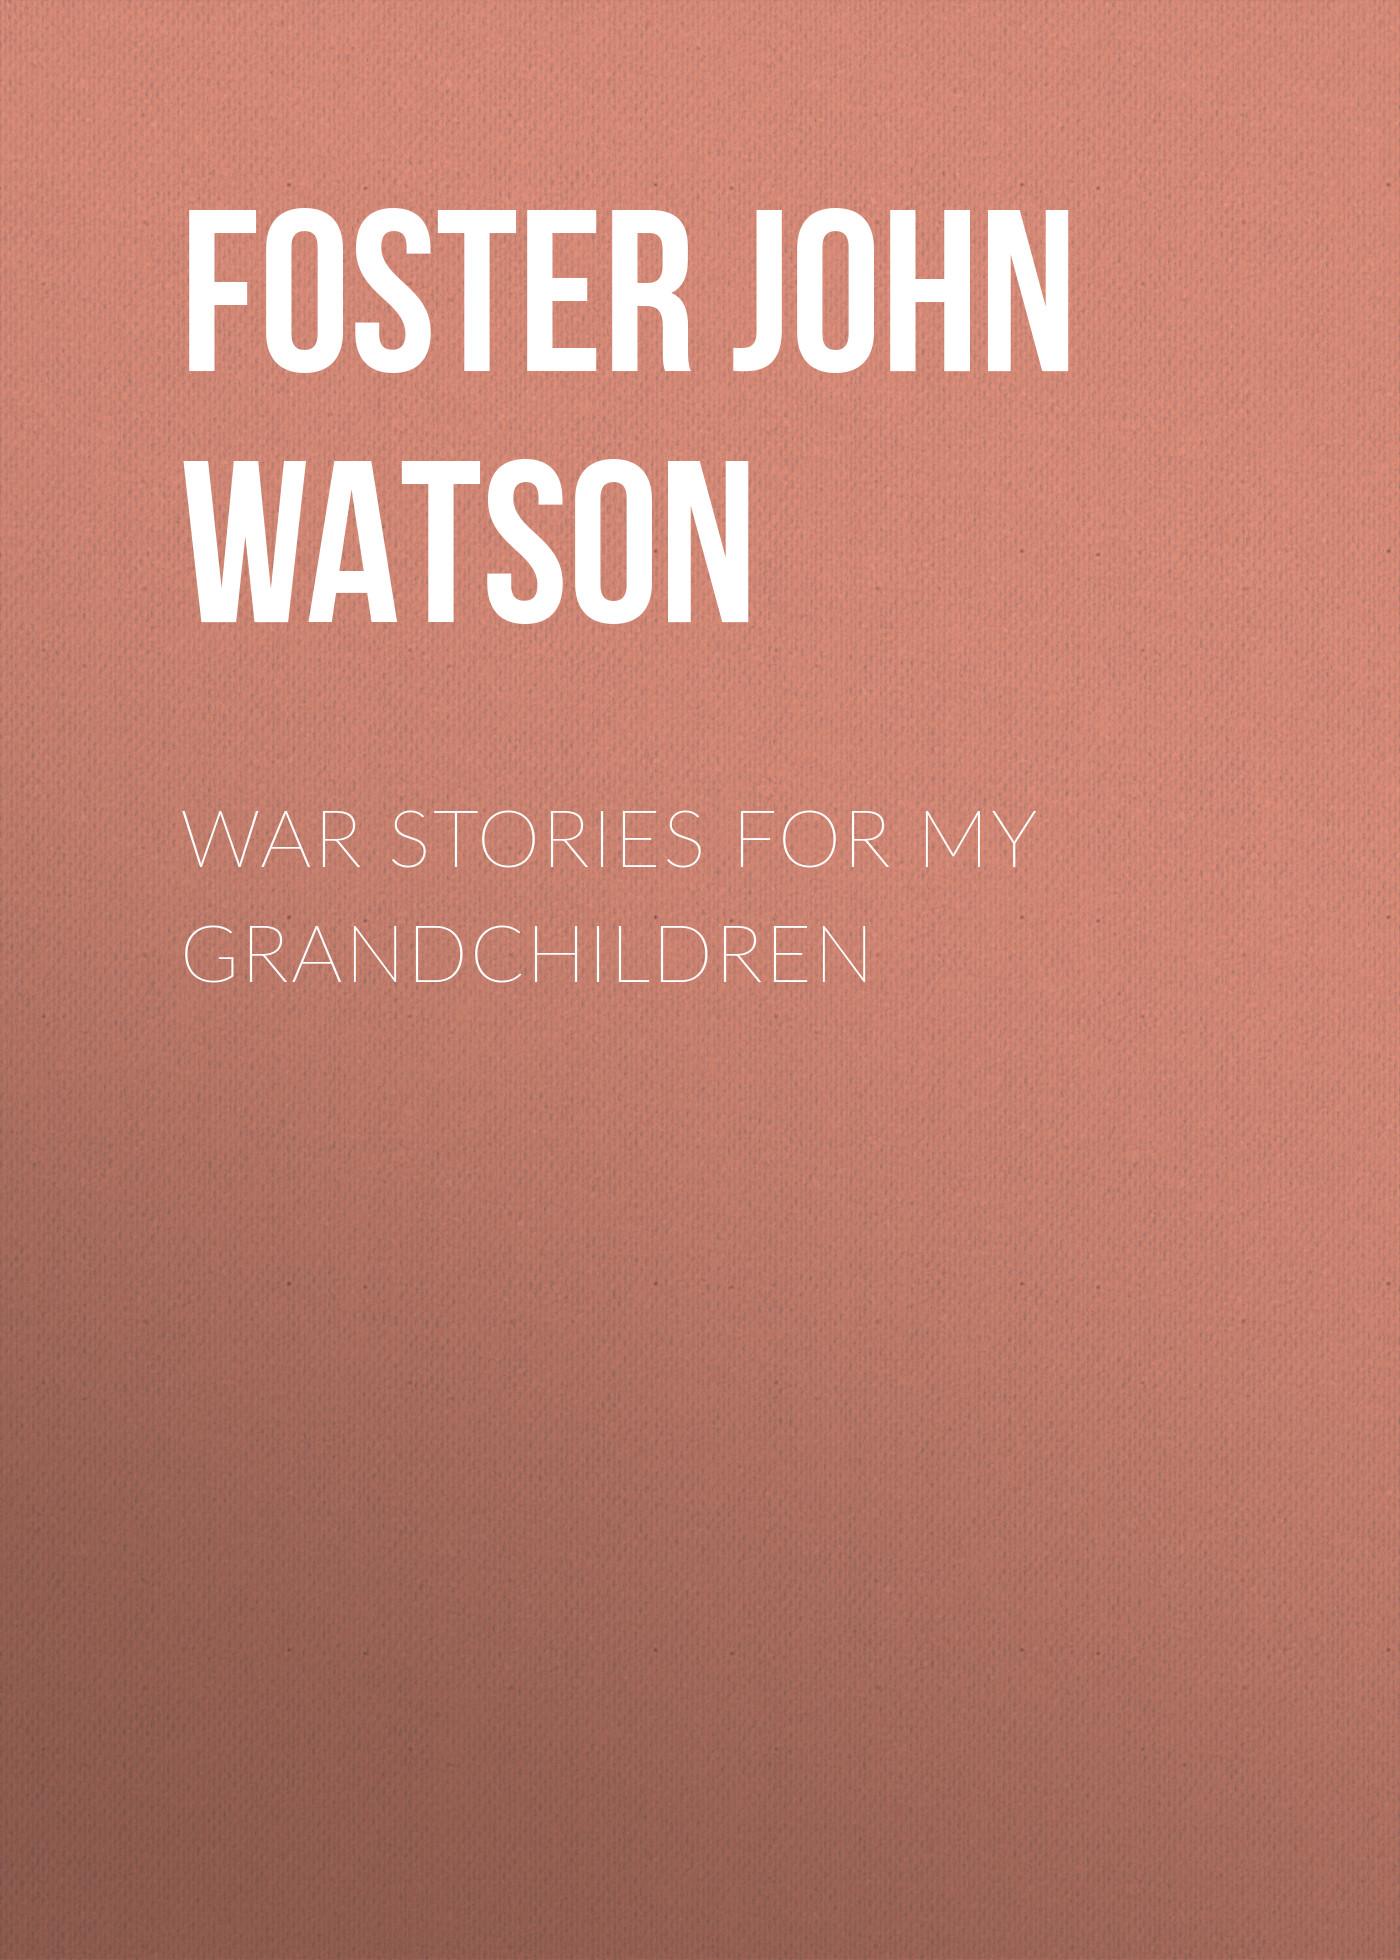 Foster John Watson War Stories for my Grandchildren